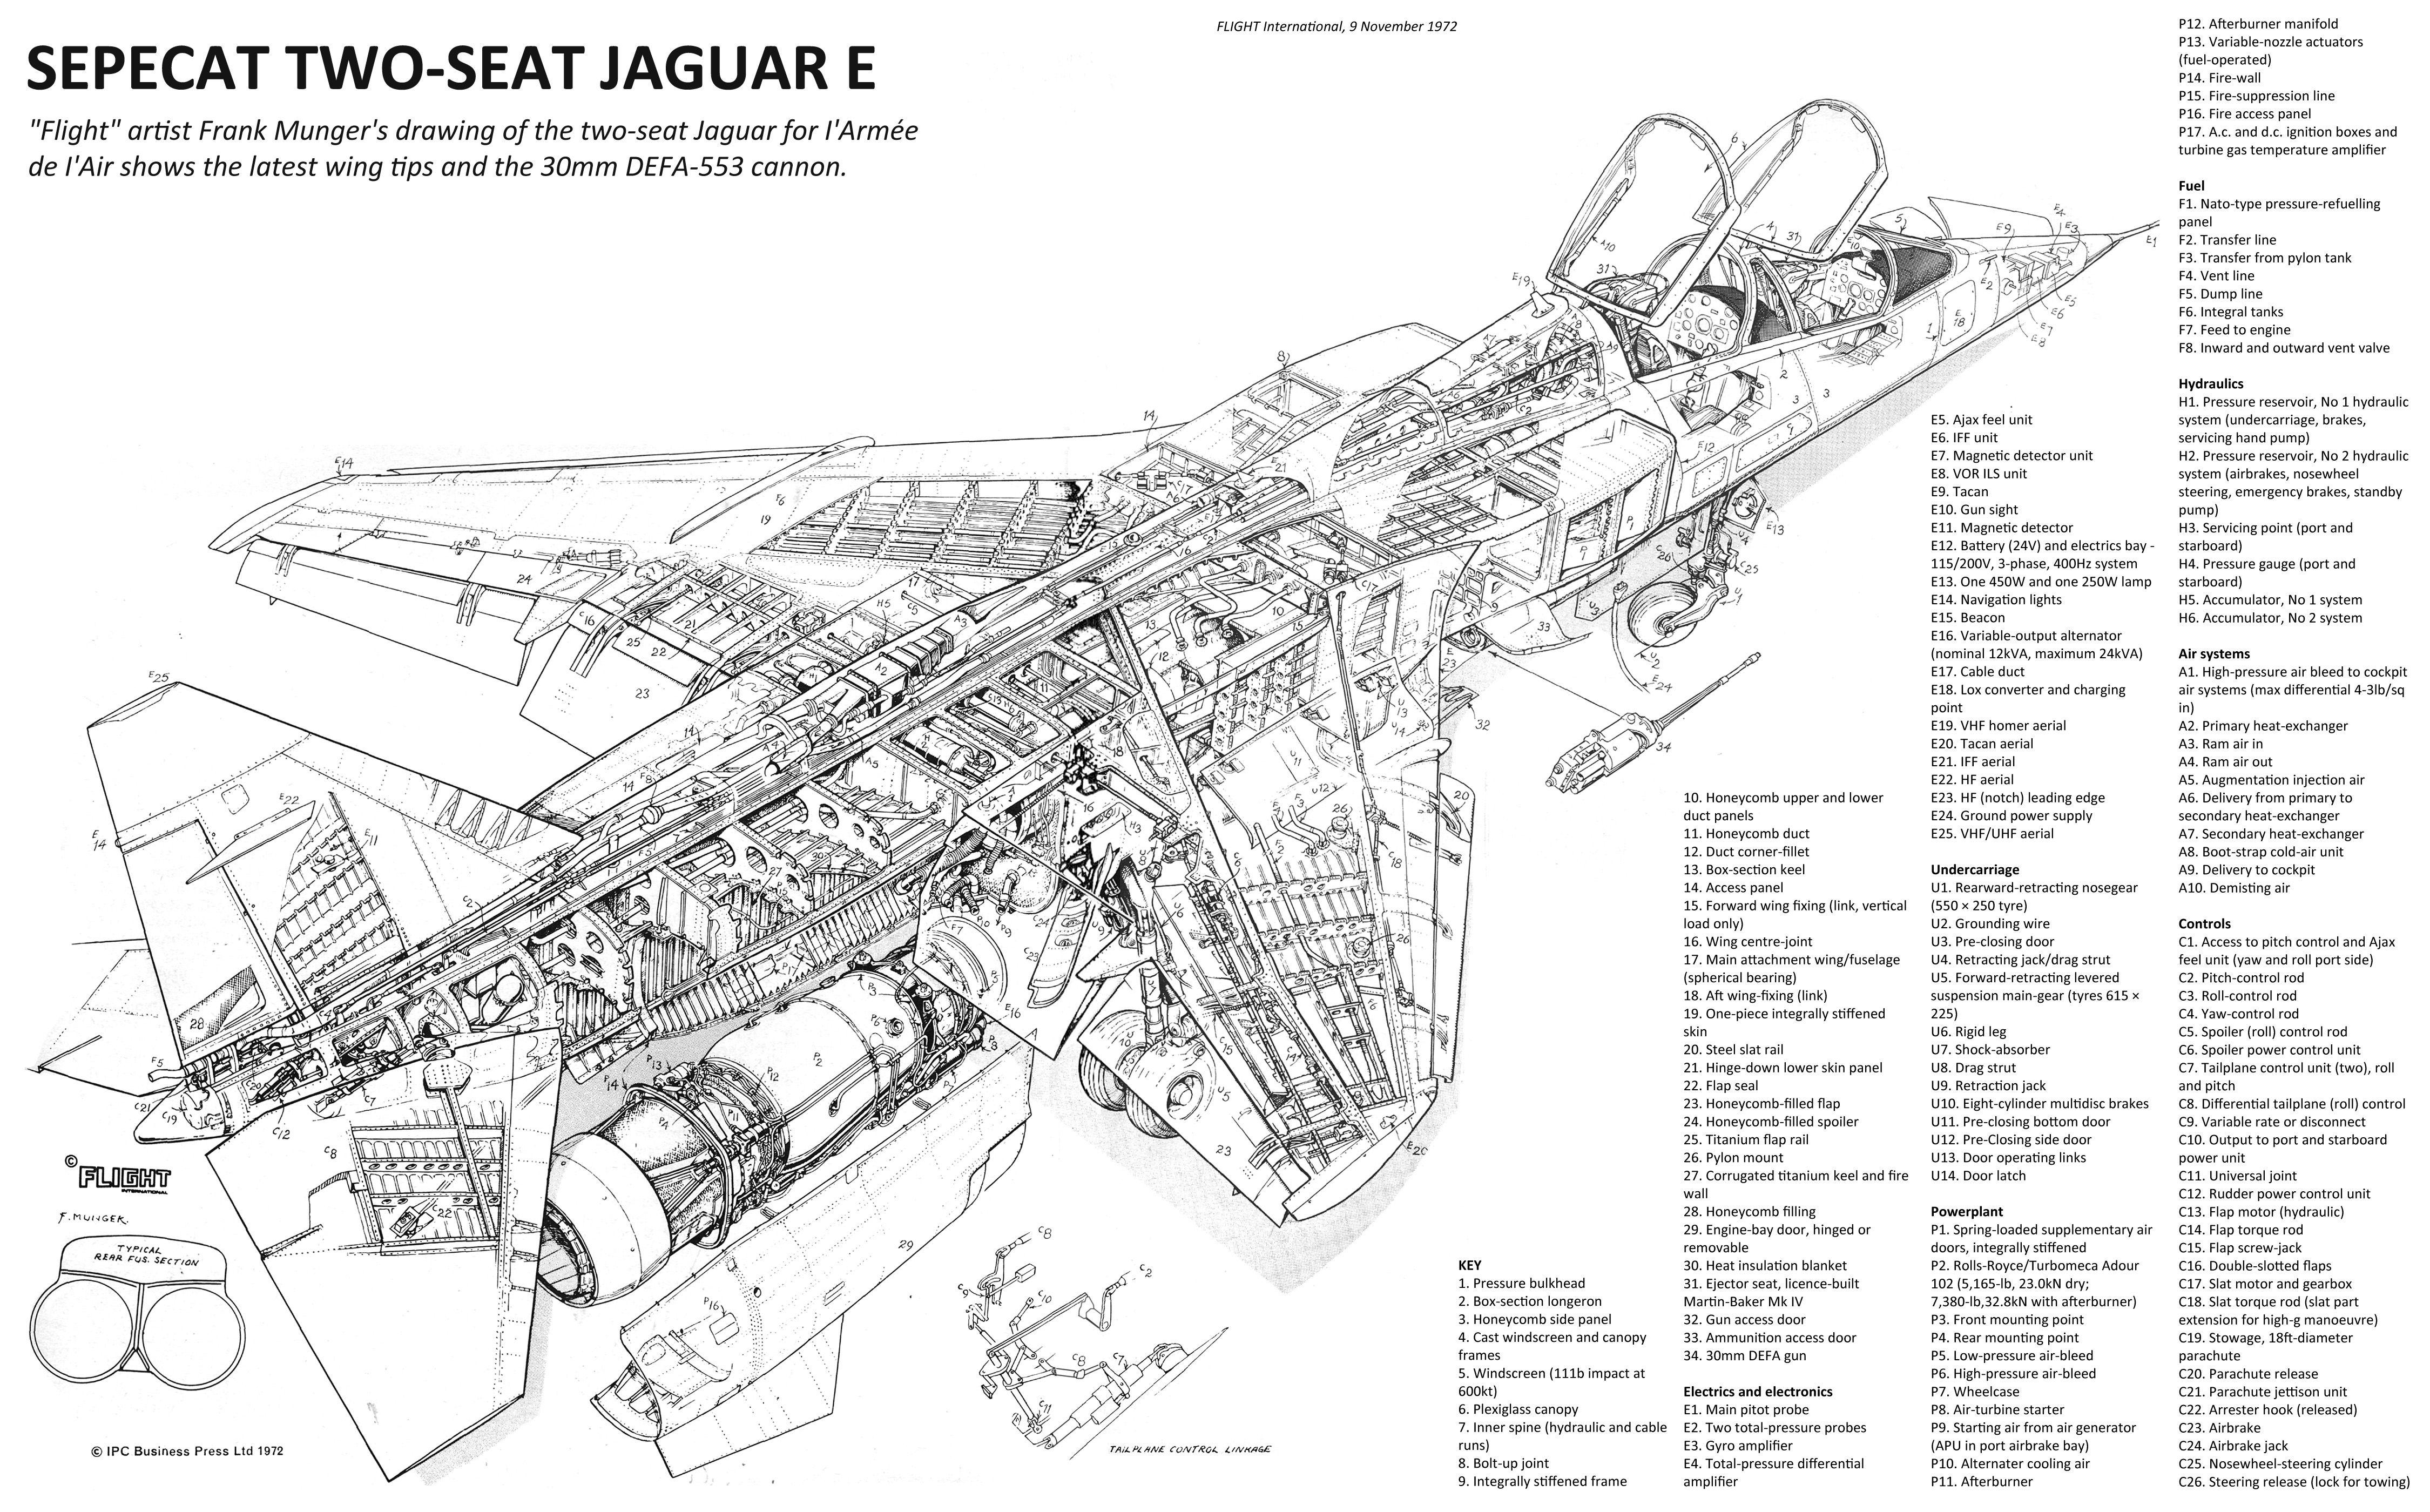 Sepecat Jaguar E Cutaway